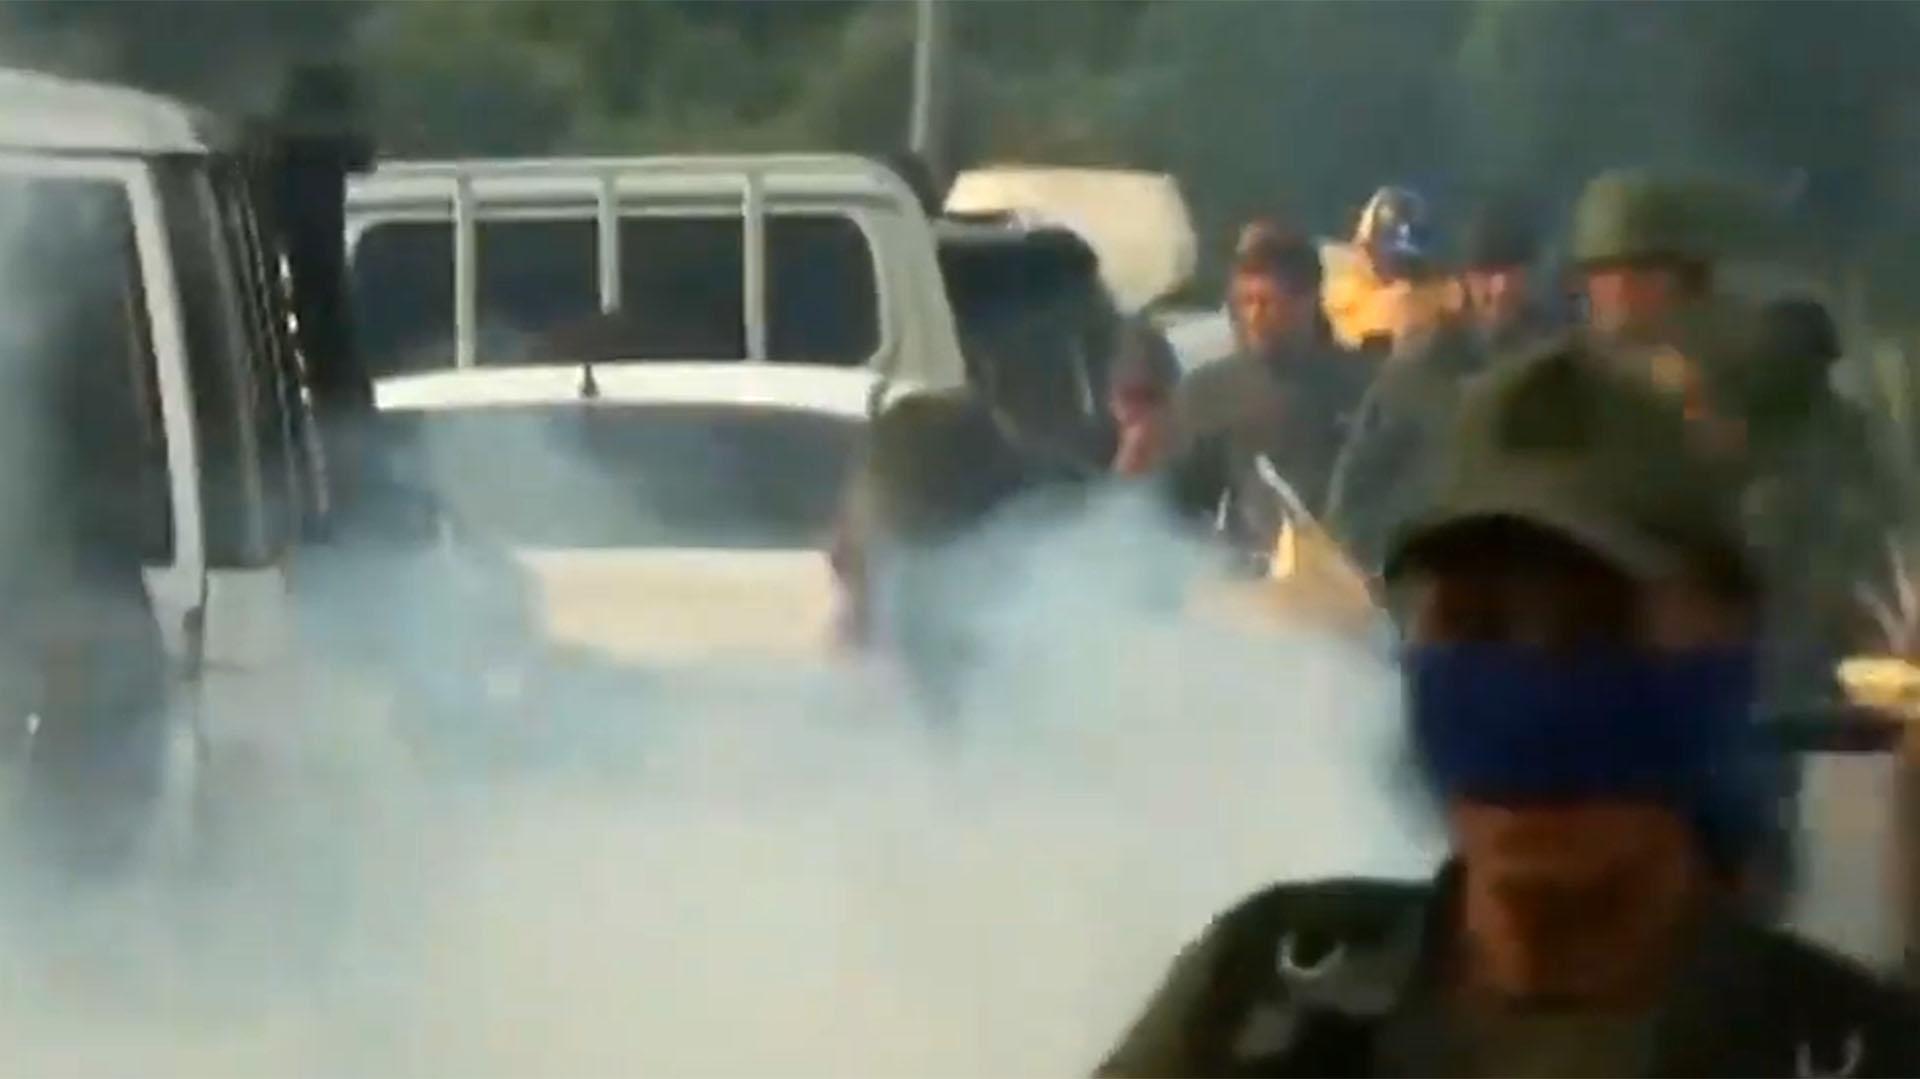 Los militates afines al chavismo lanzaron gases lacrimógenos